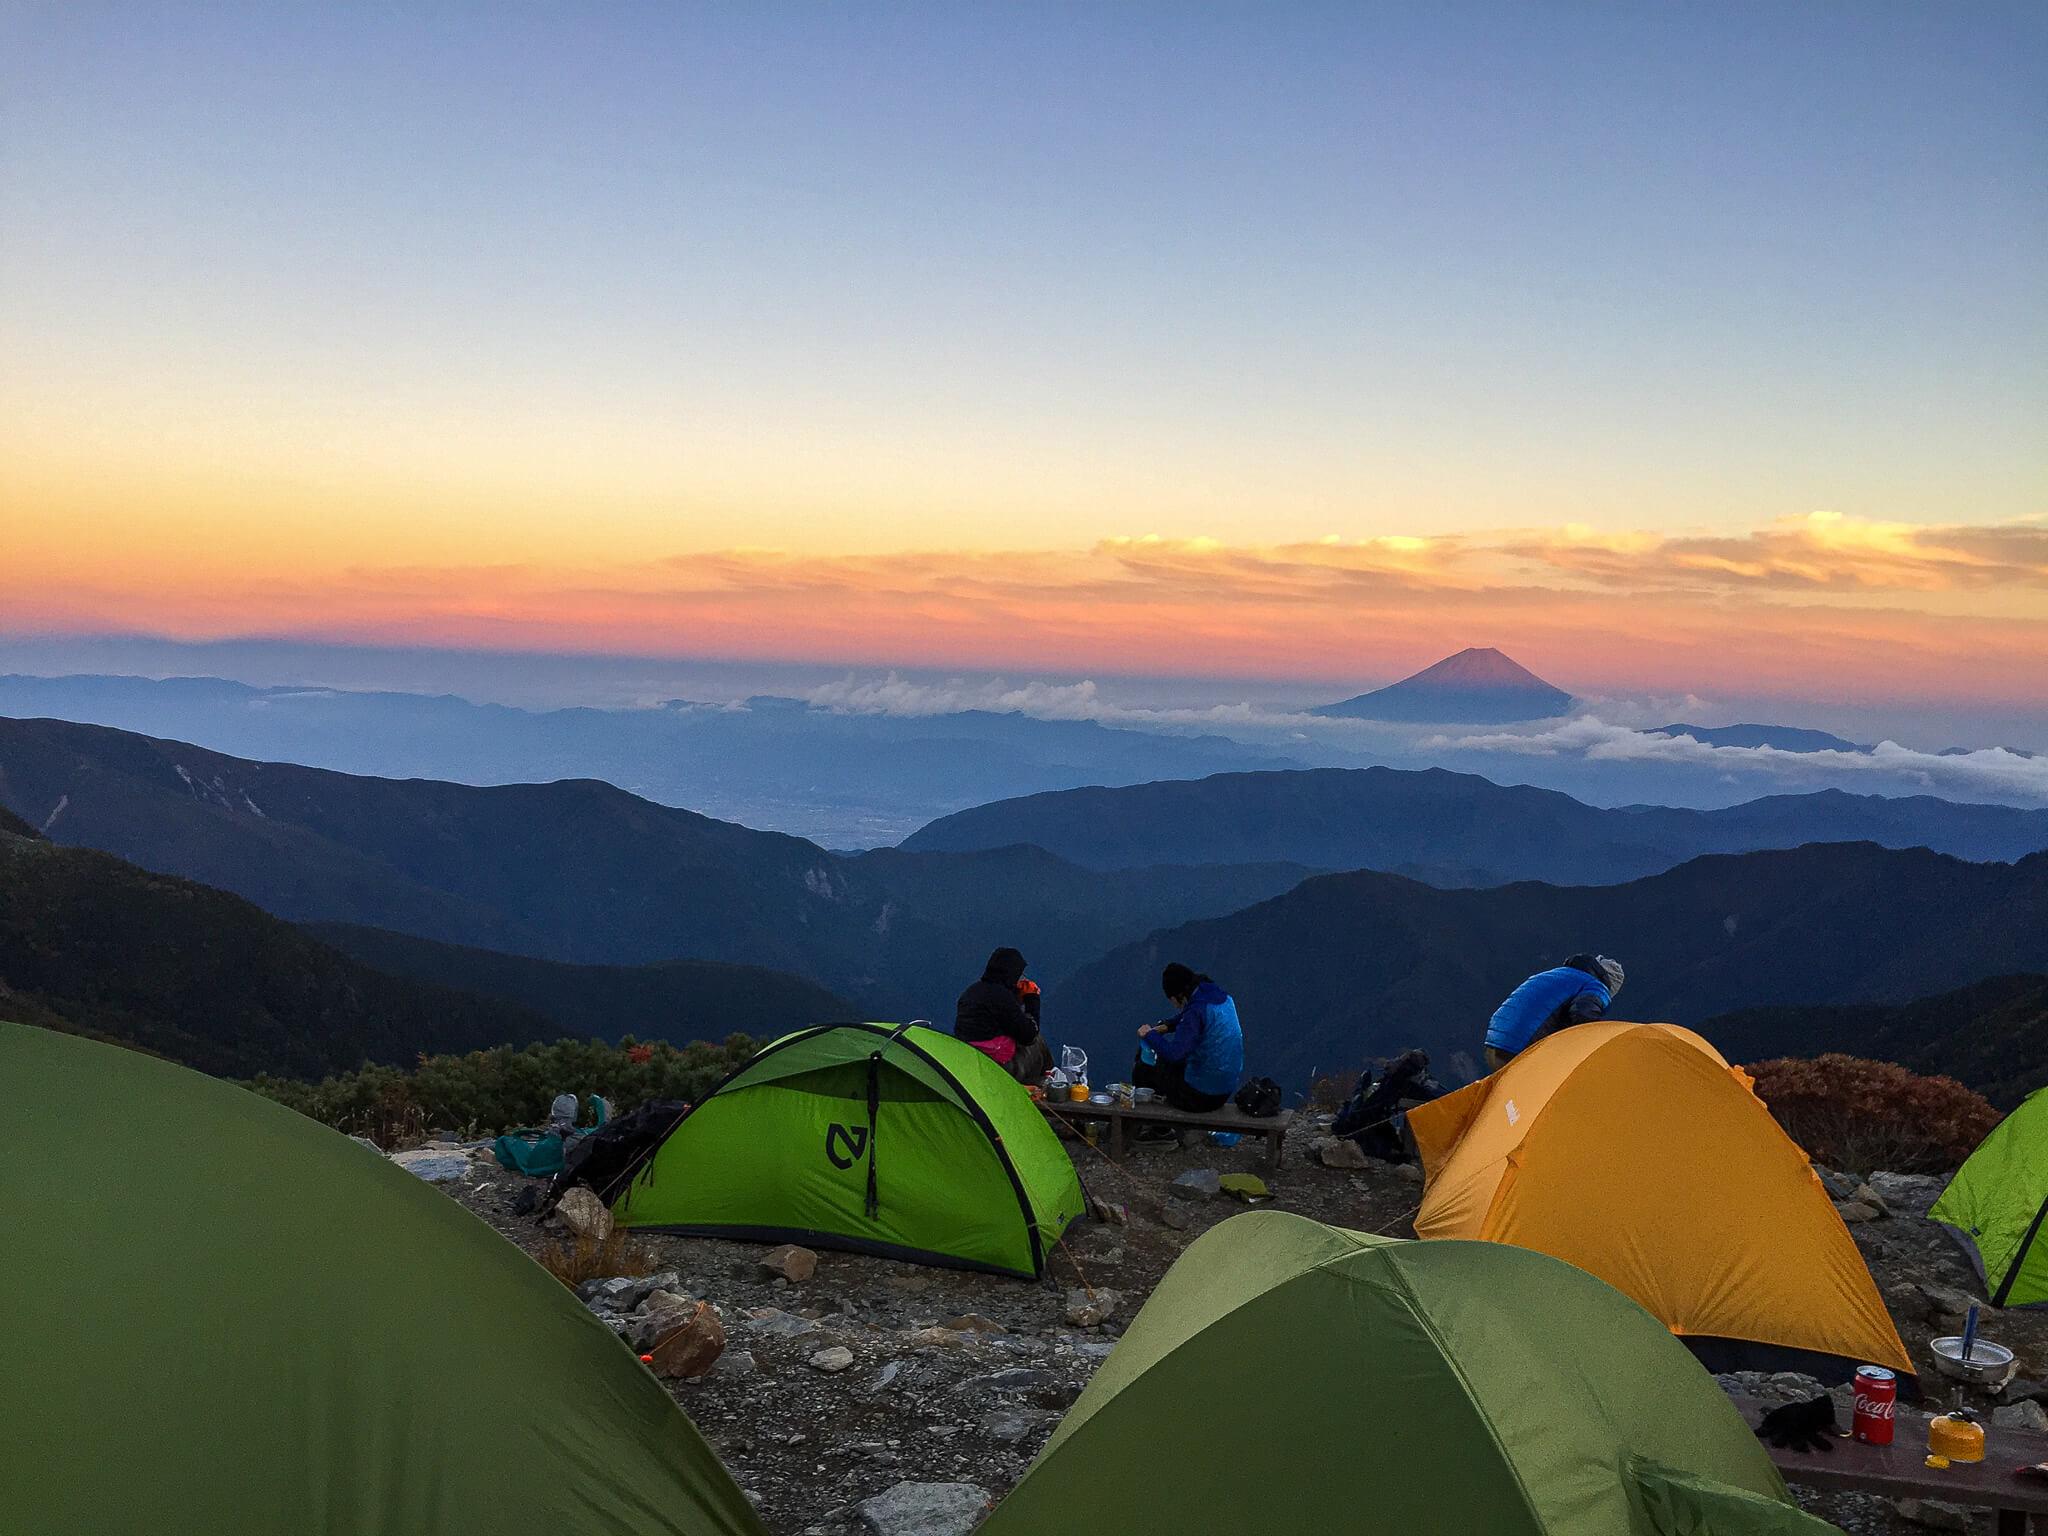 北岳・北岳山荘からの夕日に染まる富士山